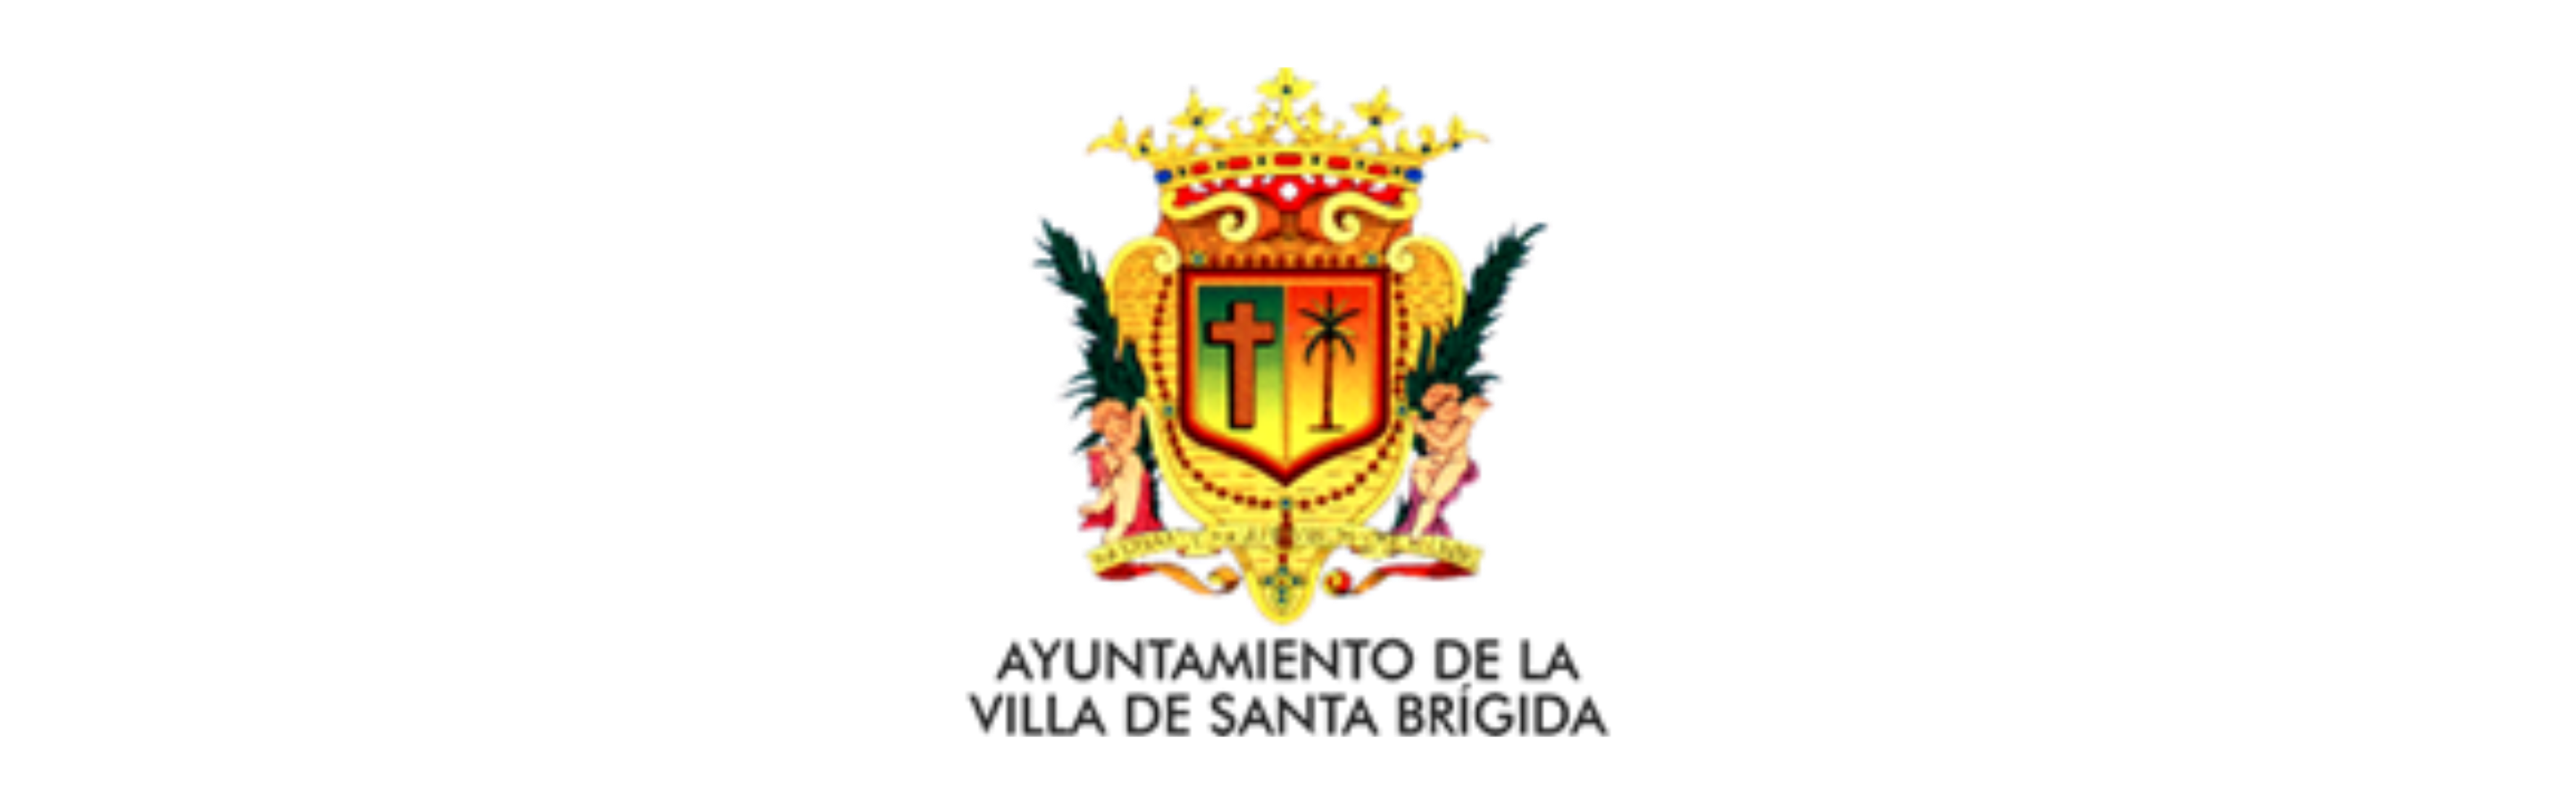 logo ayto Santa Brigida GCOM 2019